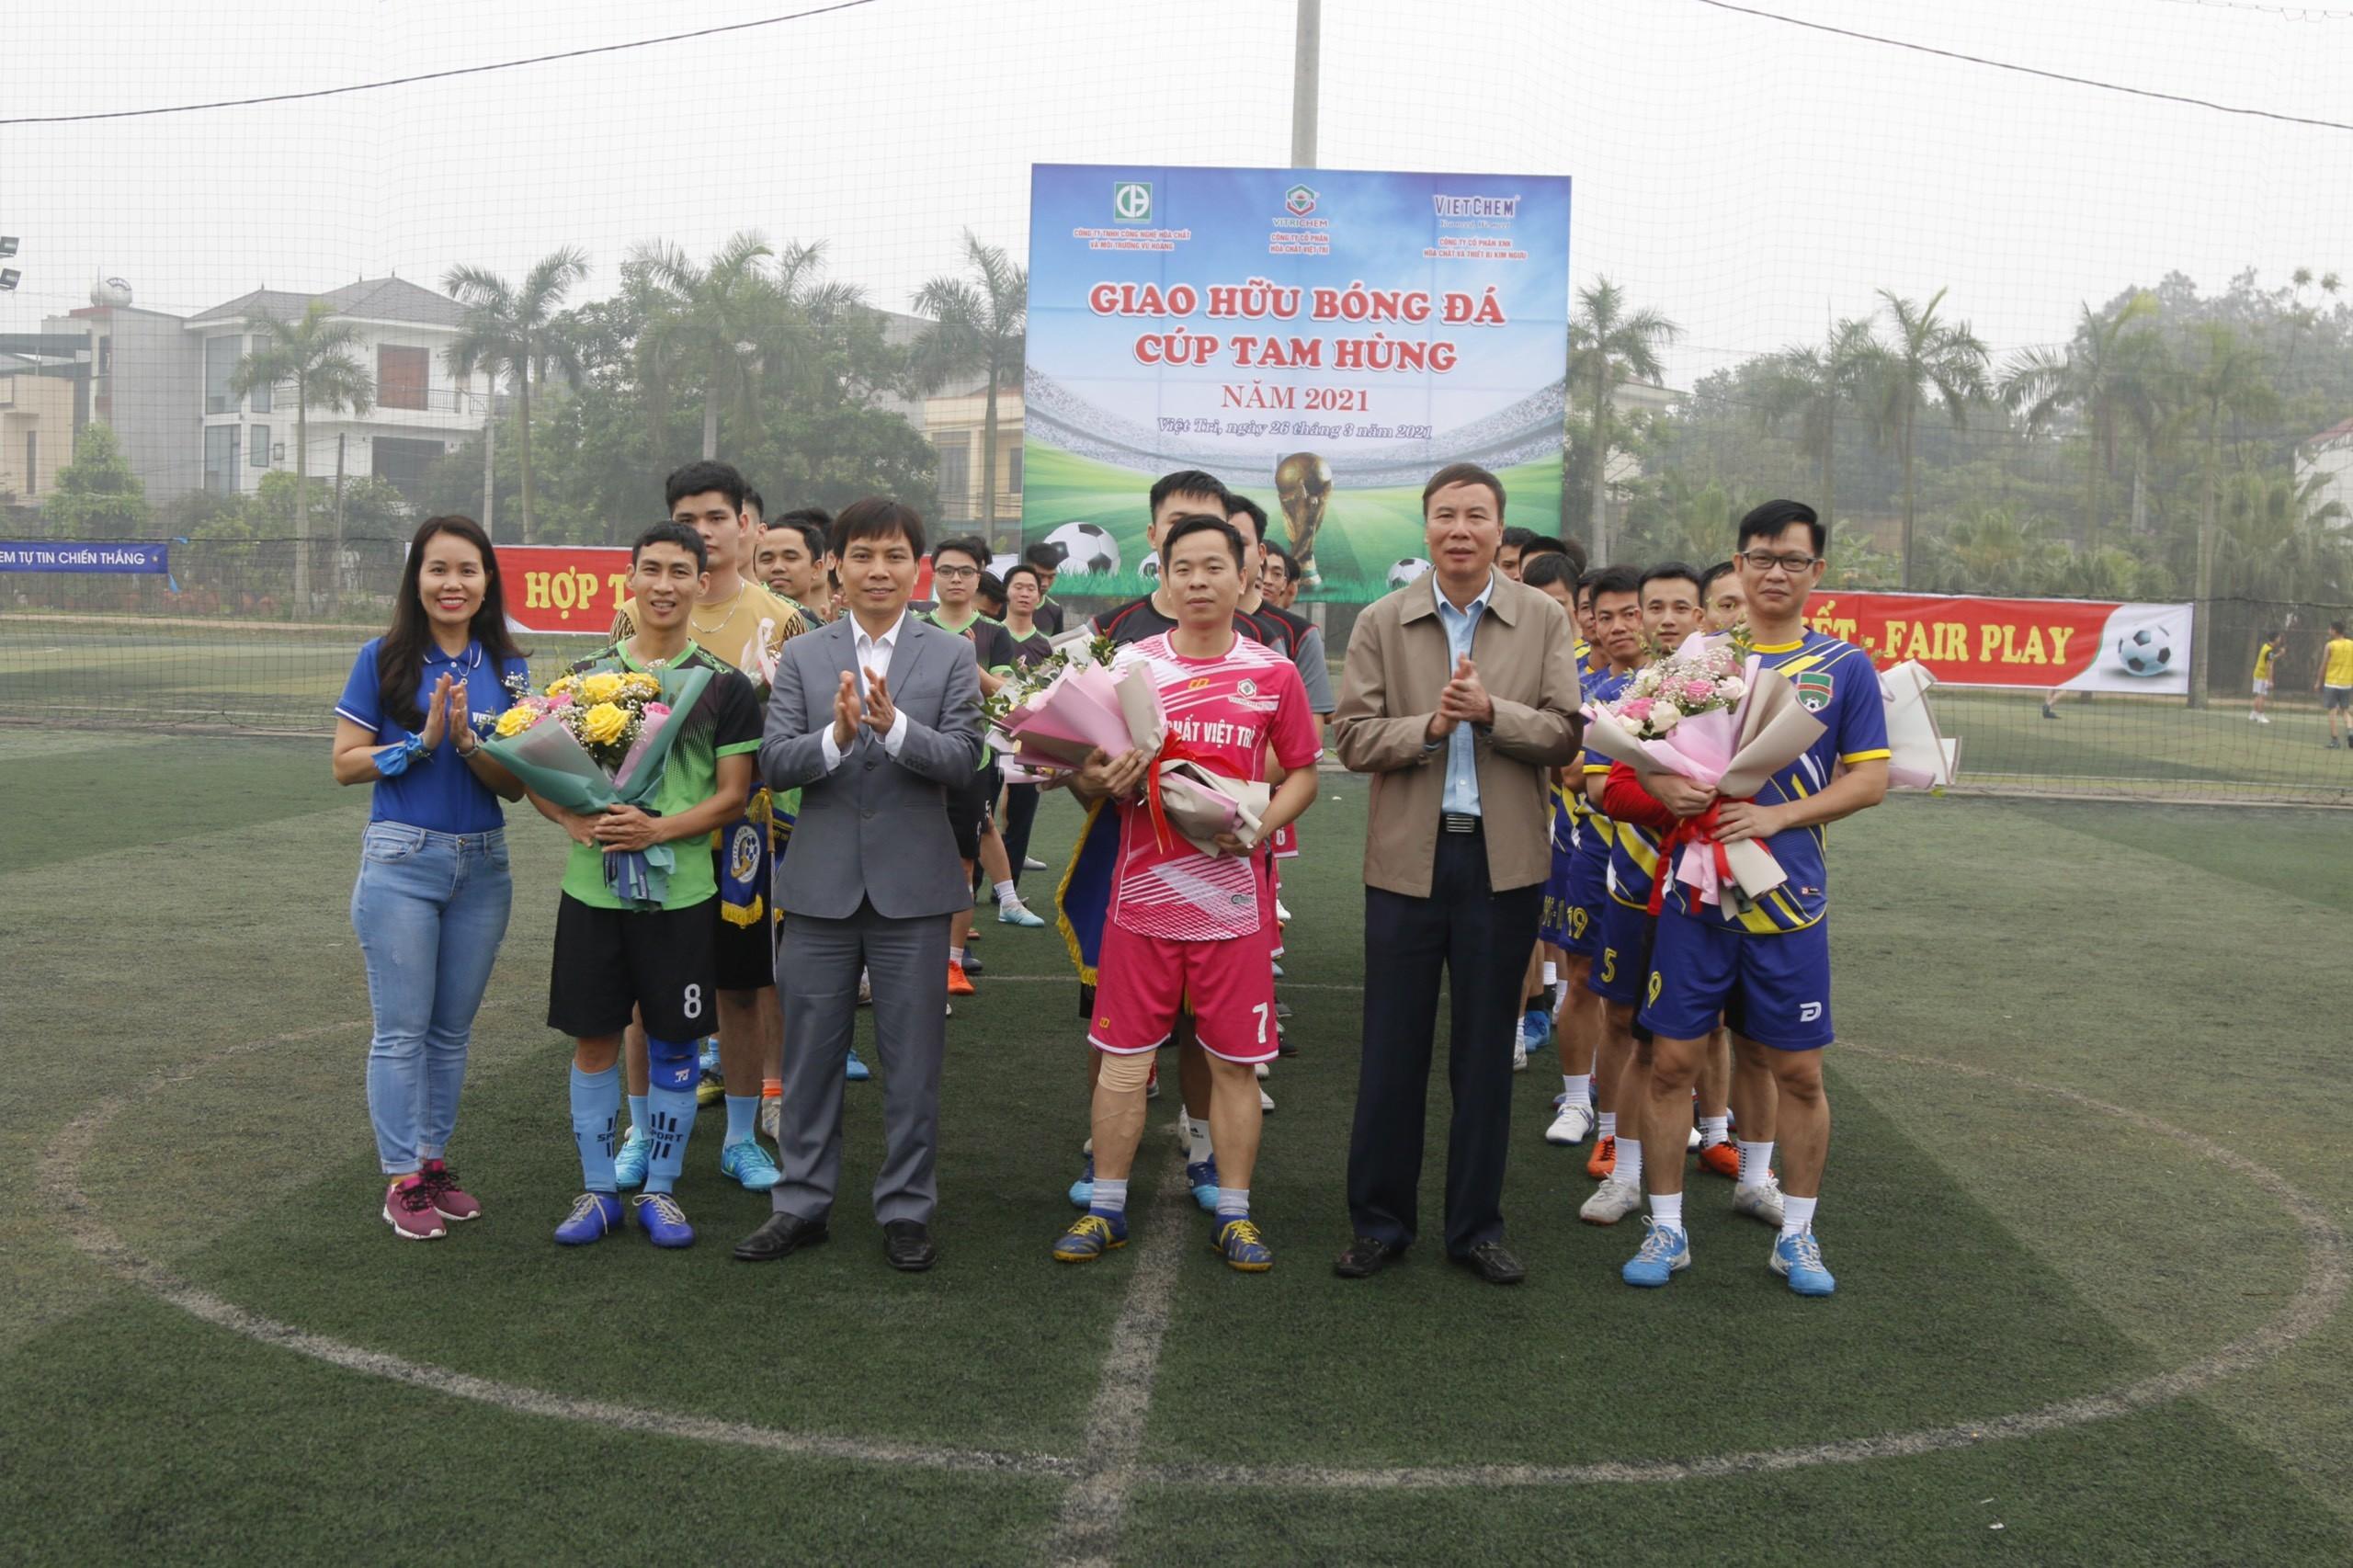 Ngày 26/4 tại Việt Trì, Phú Thọ đã diễn ra sự kiện giải bóng đá giao hữu giữa 3 công ty CP hóa chất Việt Trì, công ty CP XNK hóa chất và thiết bị VIETCHEM, công ty TNHH Công nghệ Hóa chất và Môi trường Vũ Hoàng. Đây là sự kiện thường niên hàng năm do các thành viên lần lượt đăng cai tổ chức nhằm tăng tình hữu nghị, gắn kết.